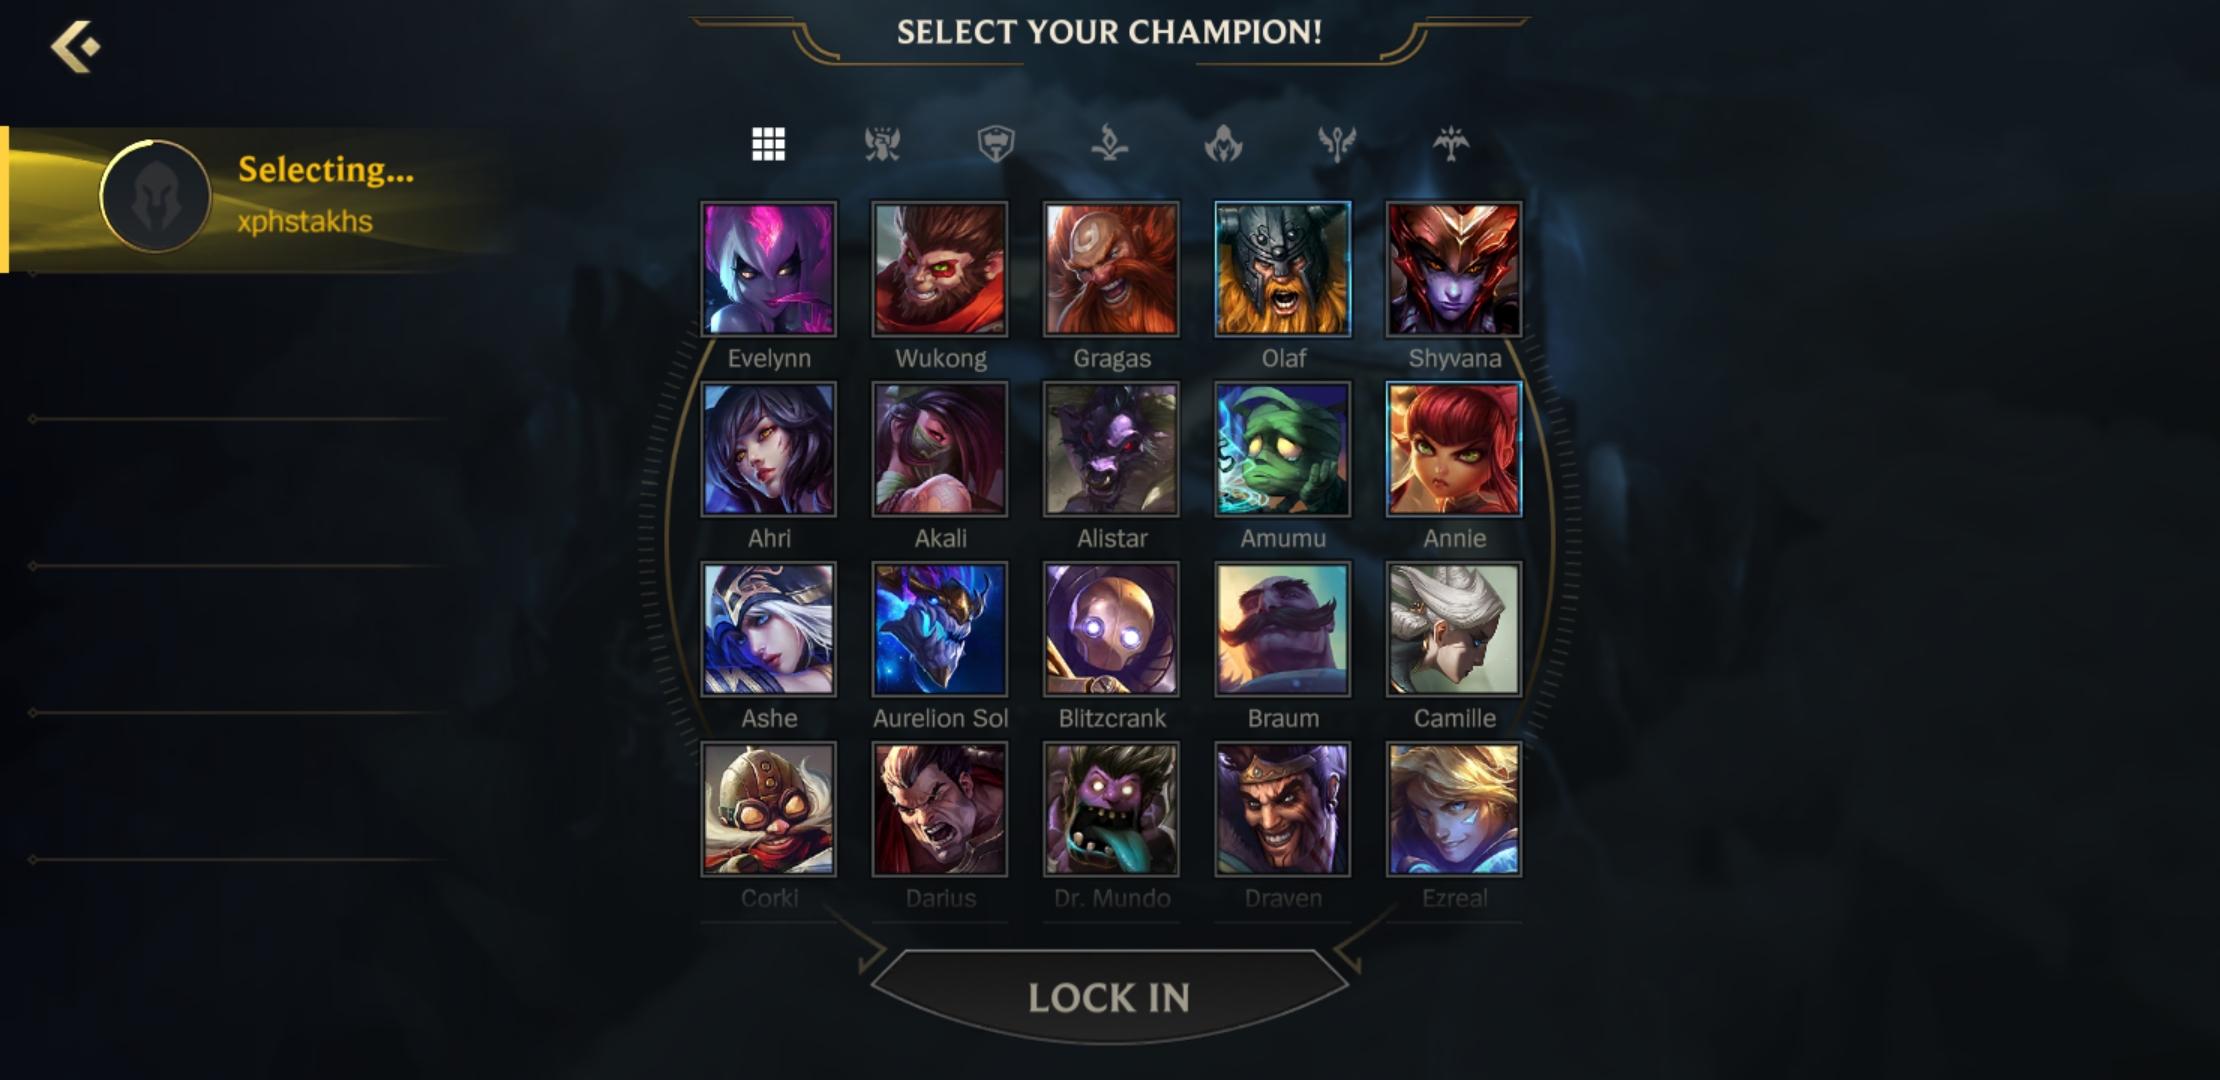 Wild Rift champ select